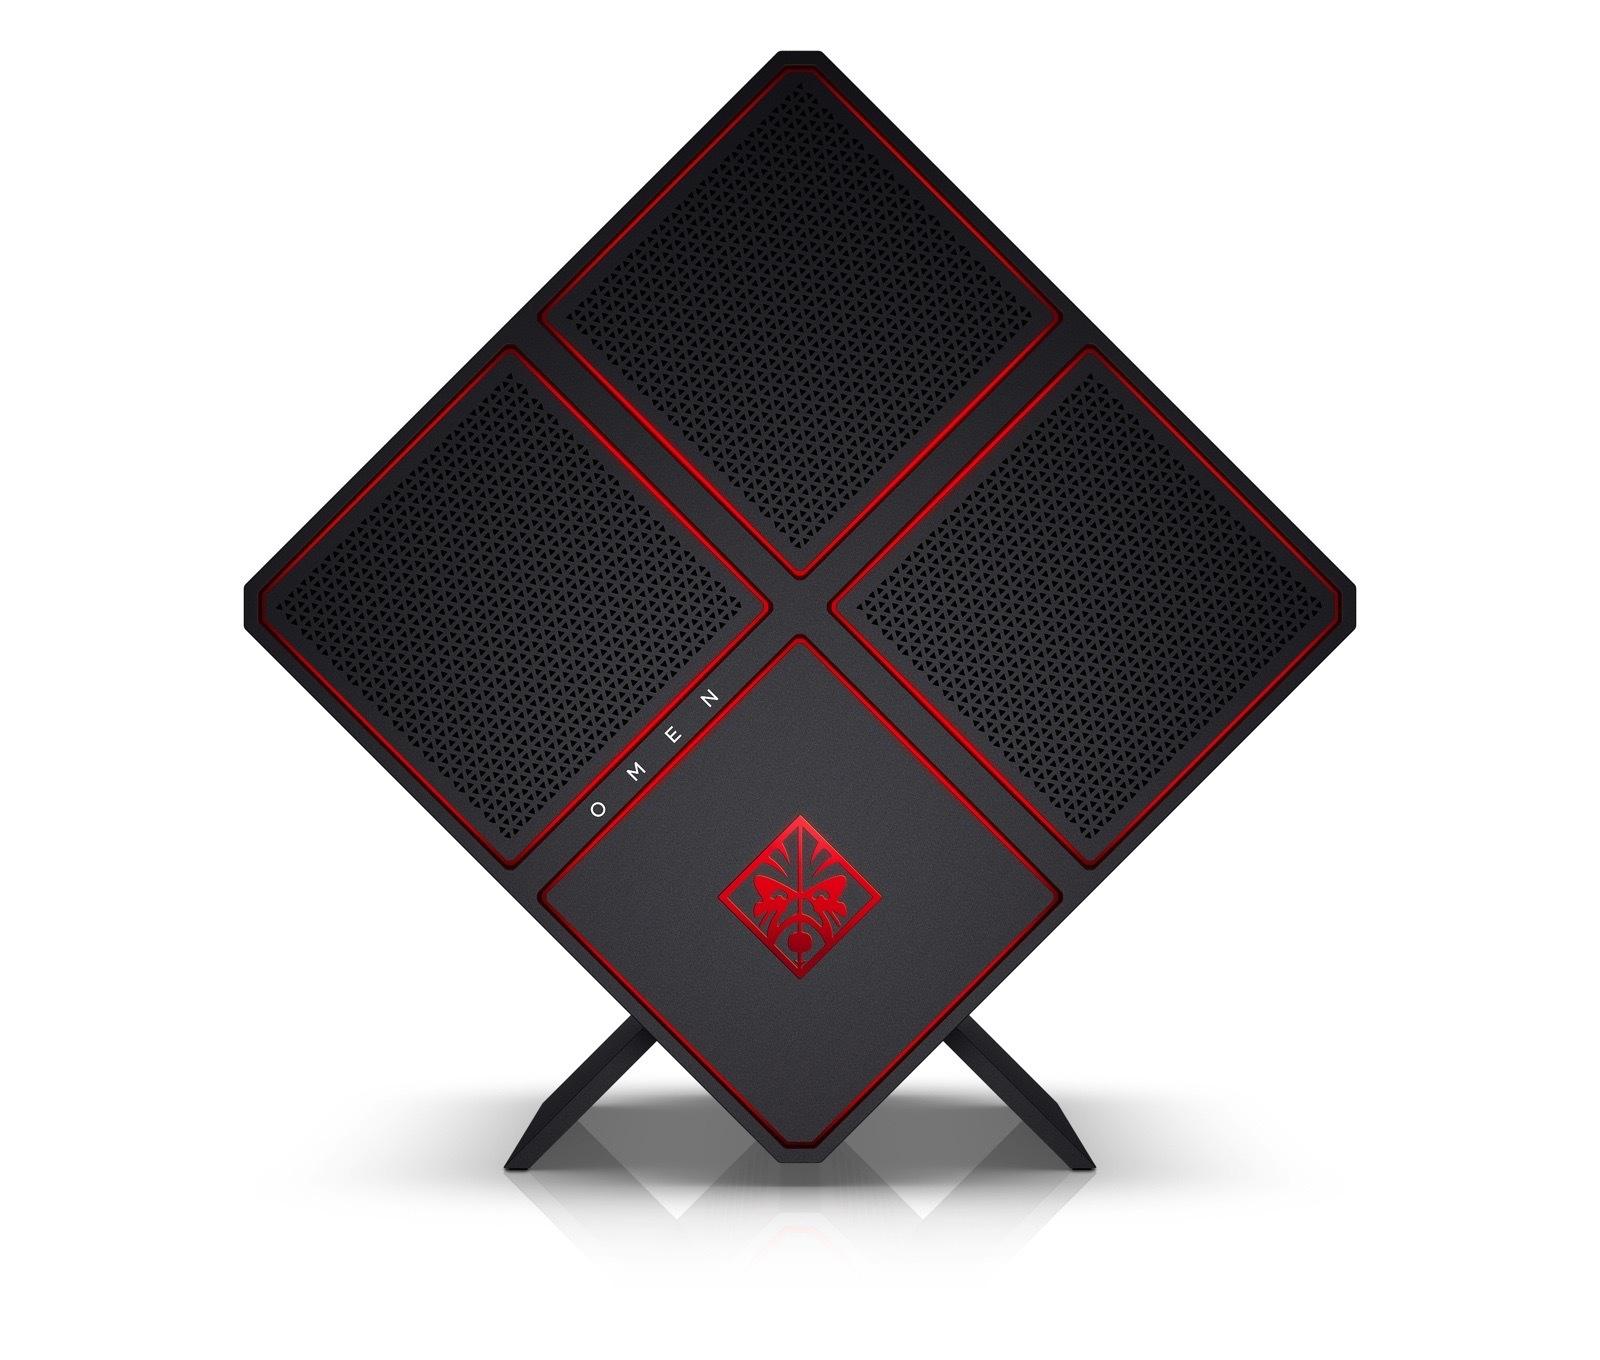 کامپیوتر بازی جدید اچپی با طراحی عجیب مکعبی